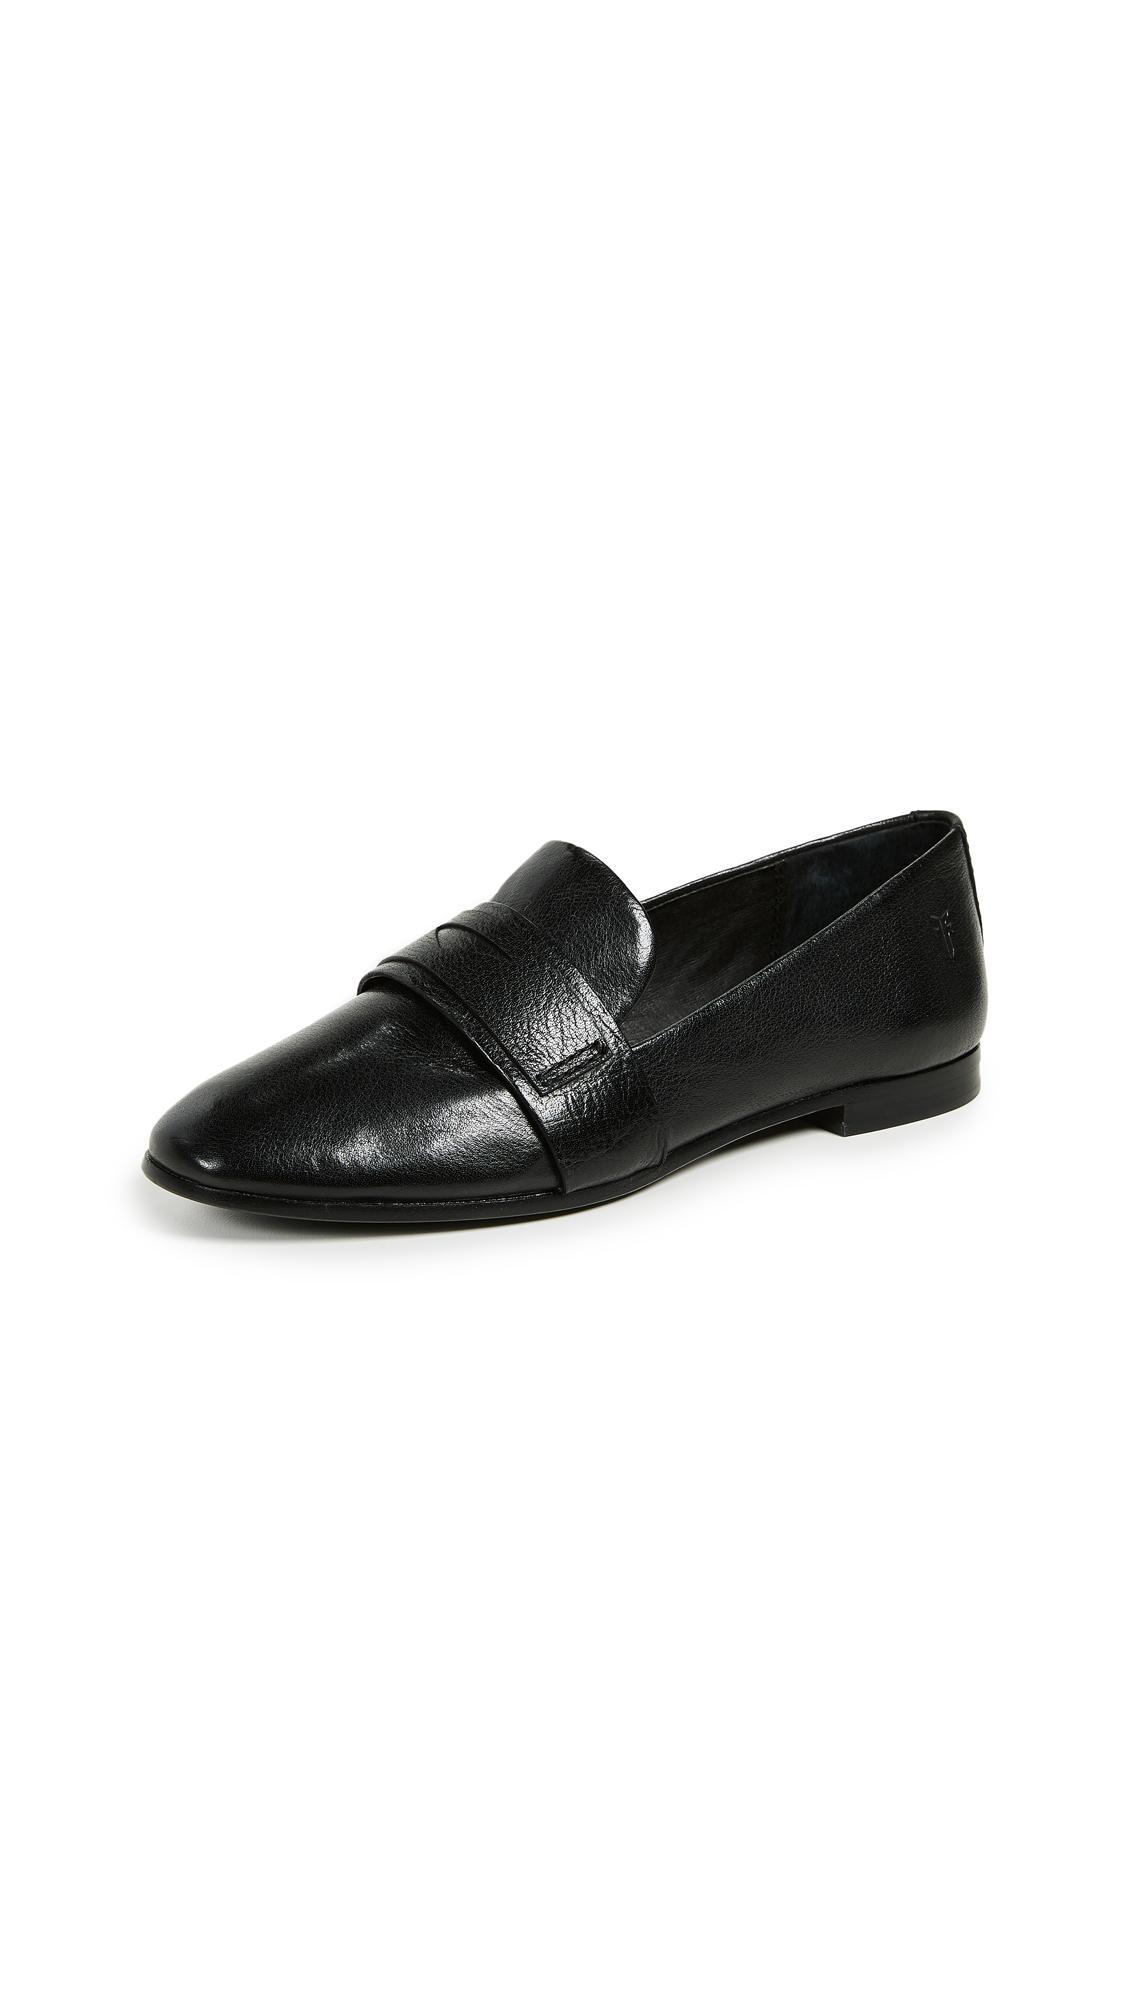 6a851481935 Frye Terri Penny Loafers In Black